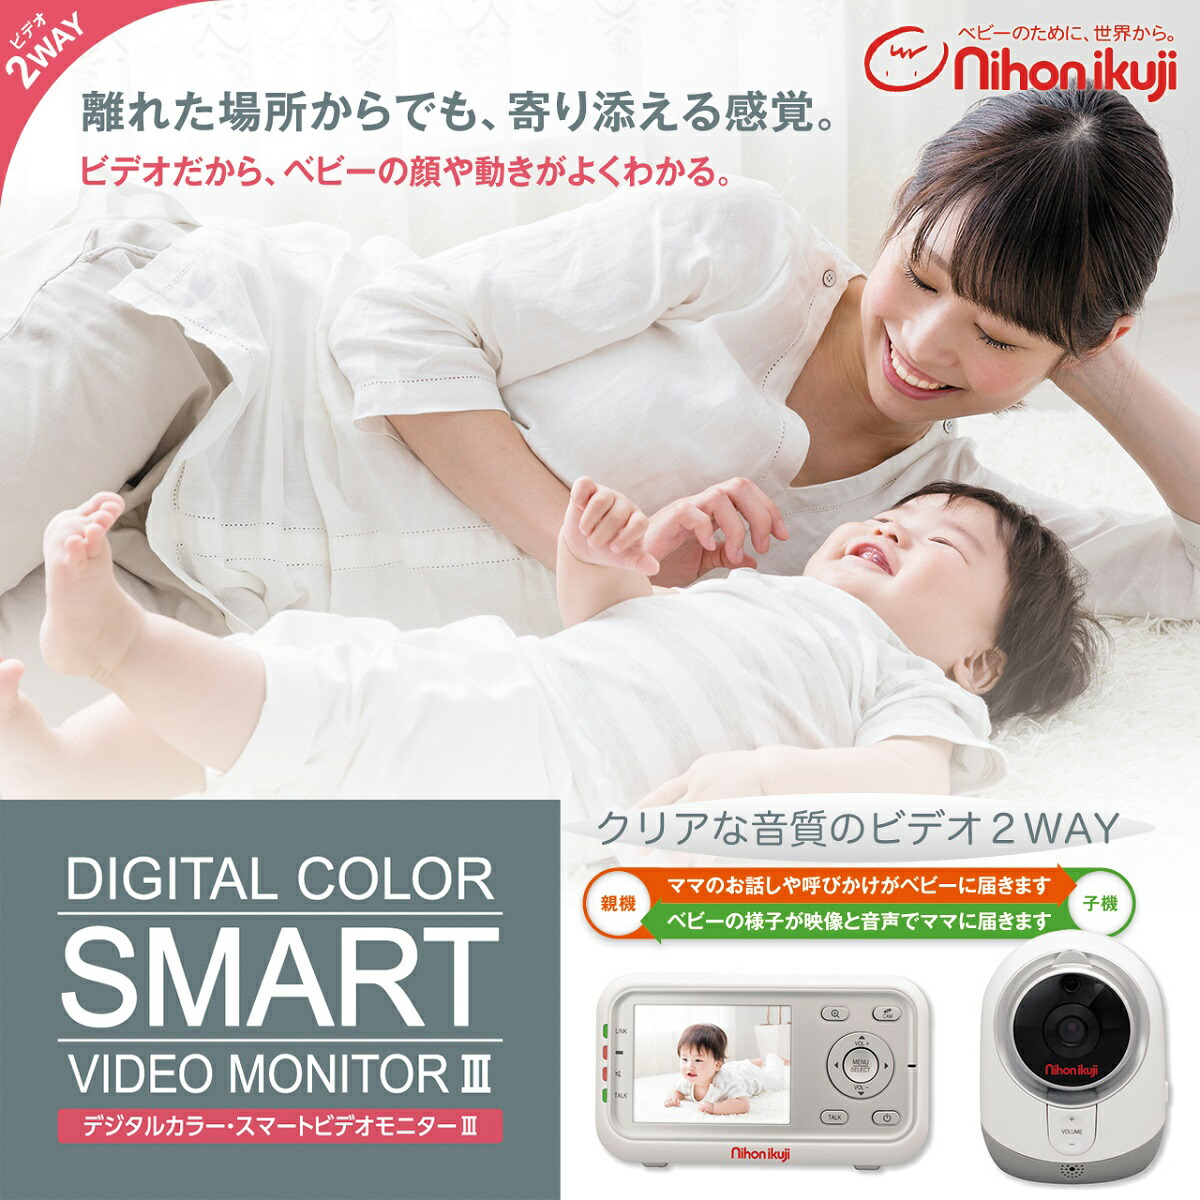 日本育児 スマートビデオモニター3